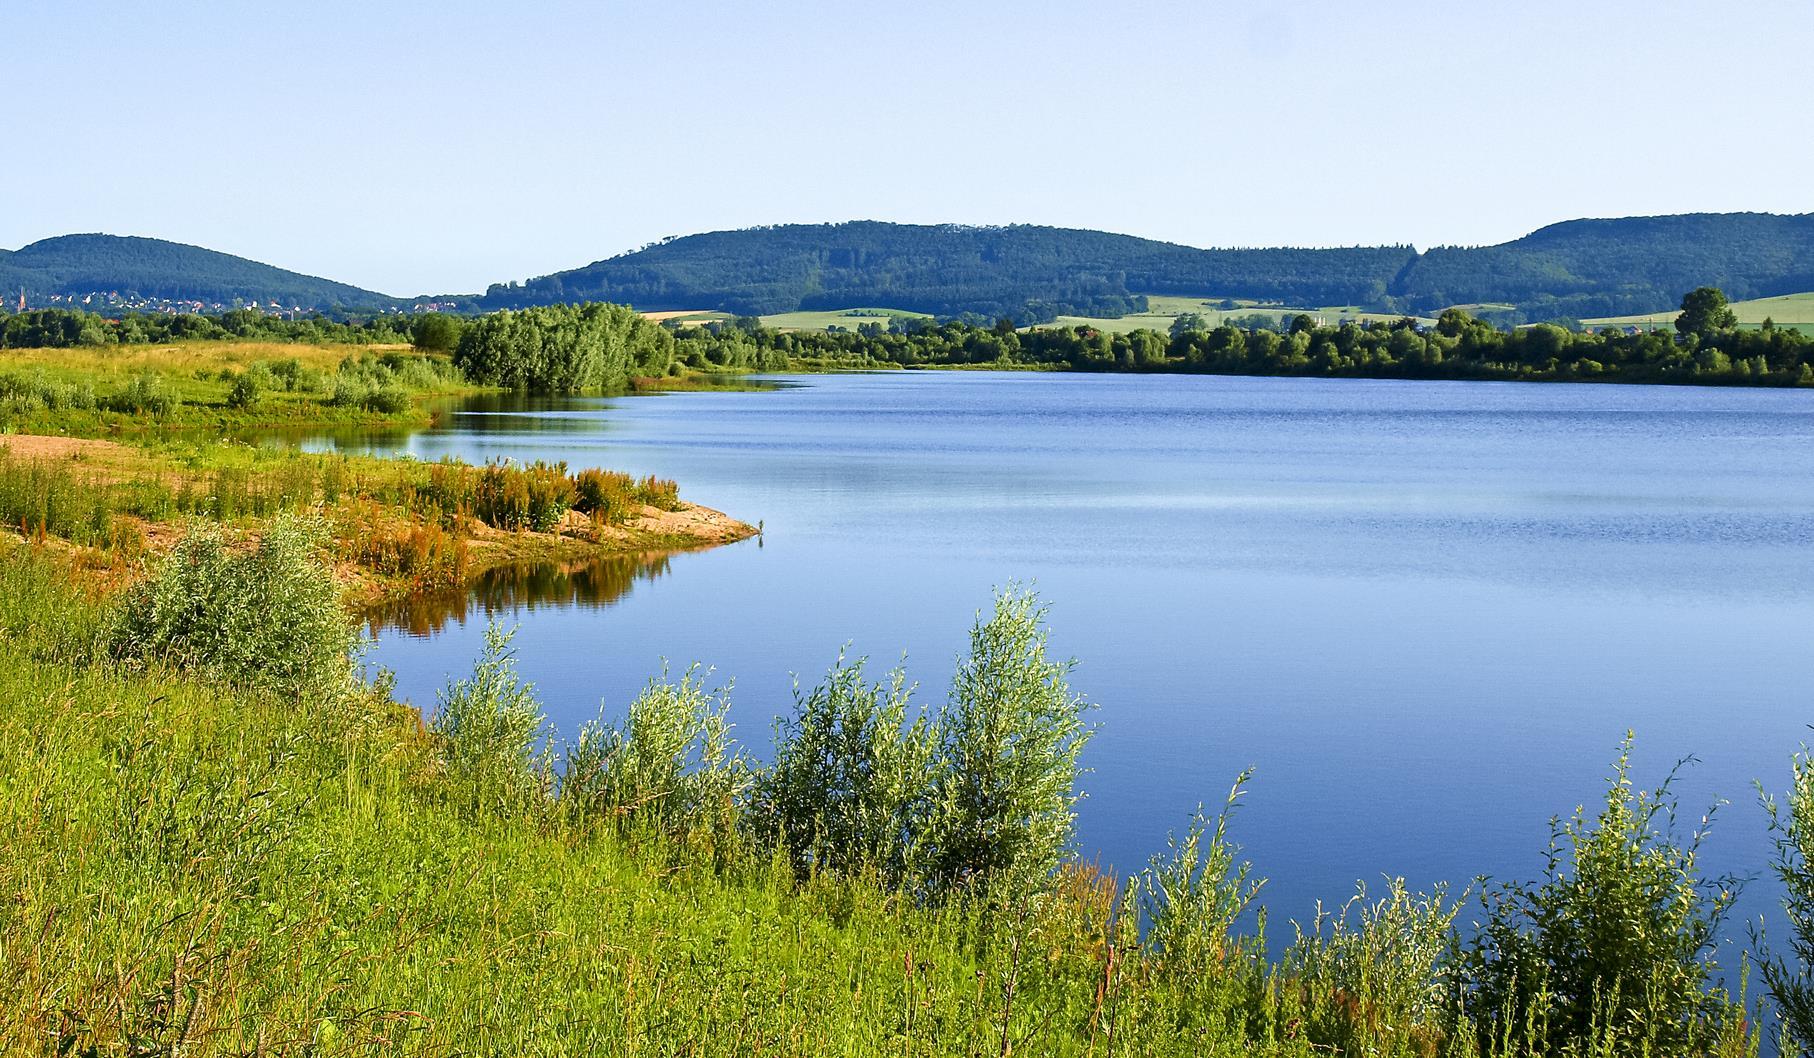 Der mittlere Teich ist mit vielen Pflanzen umsäumt.